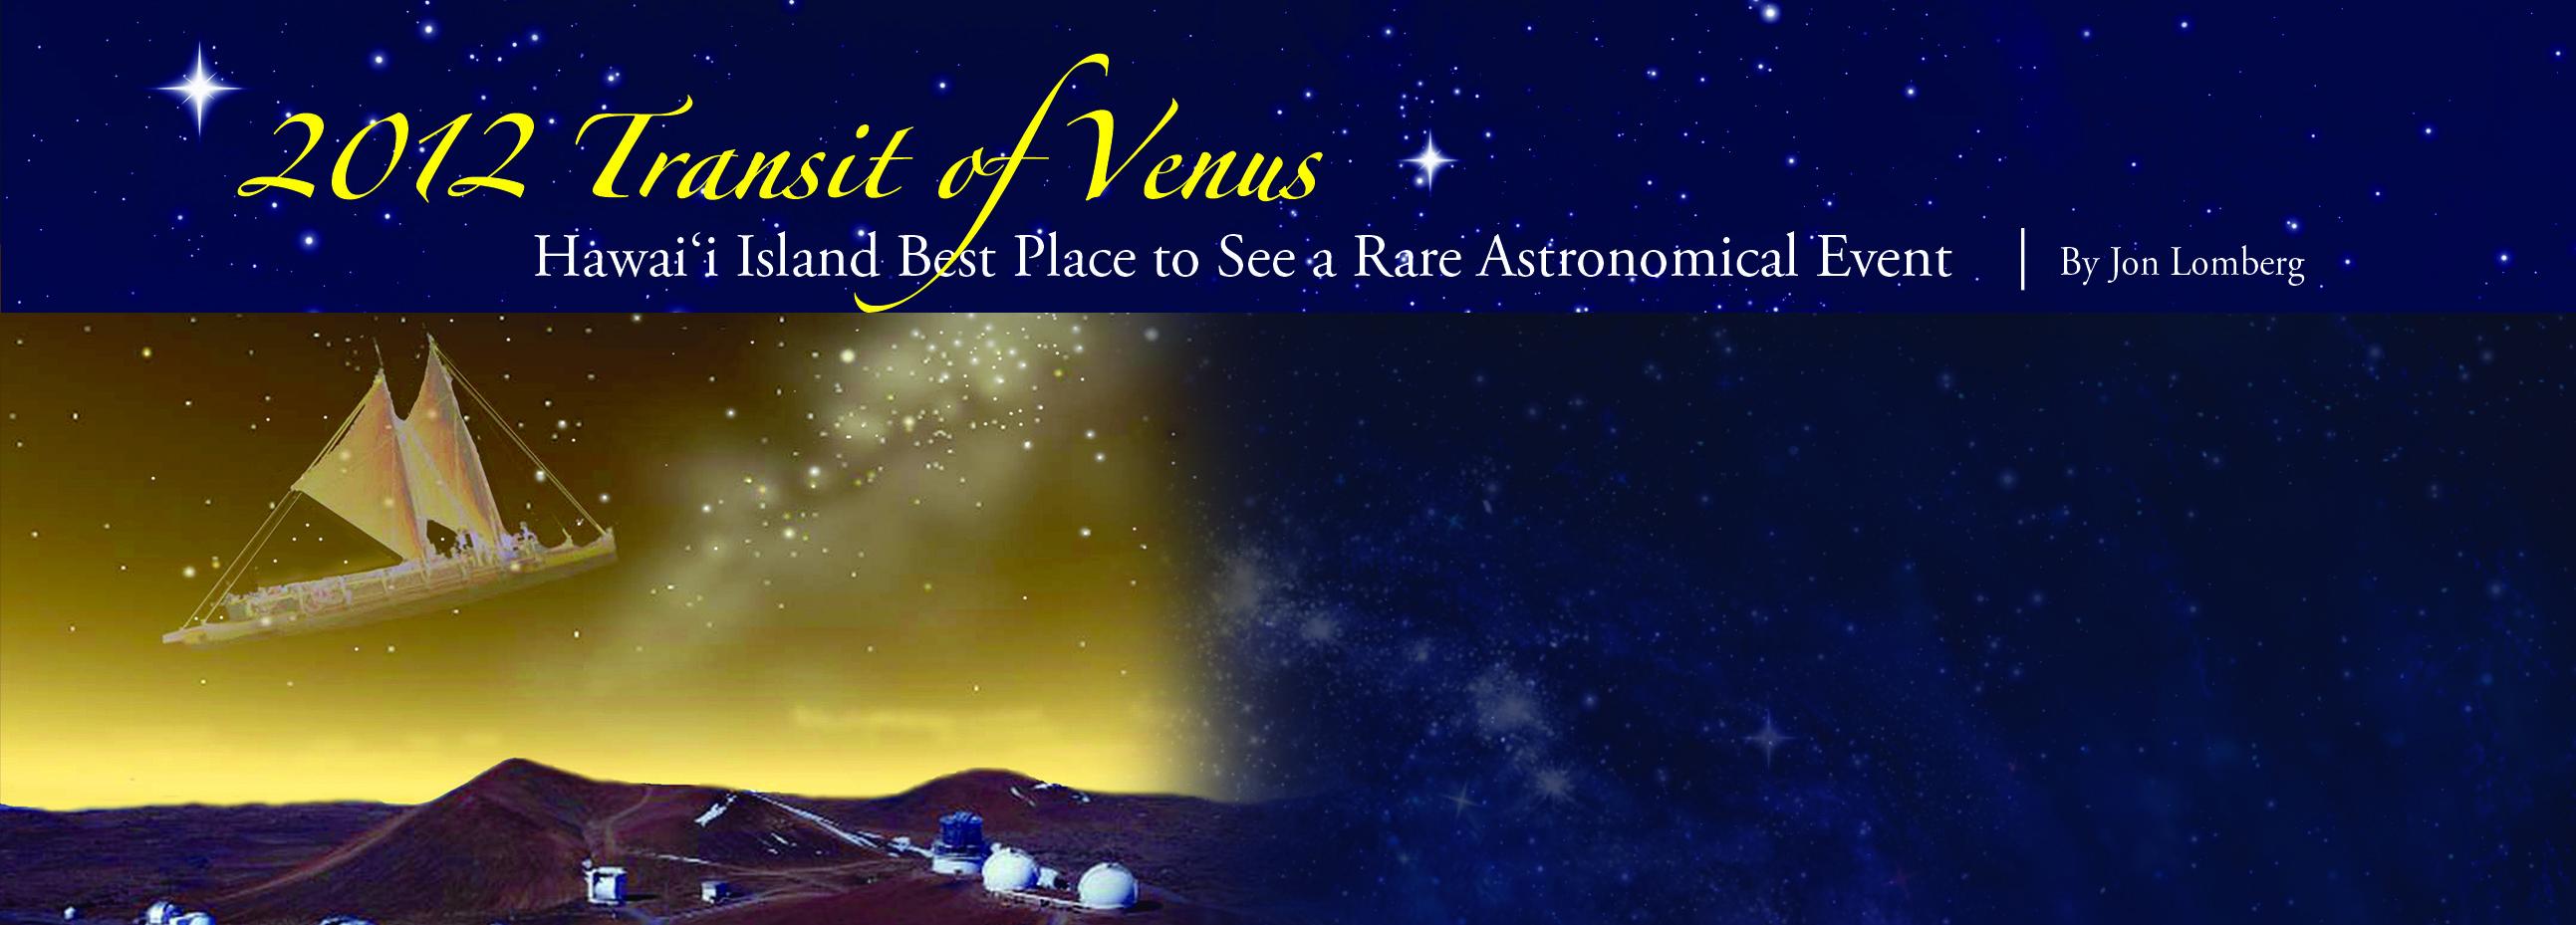 Ke Ola Magazine - Transit of Venus - pgA